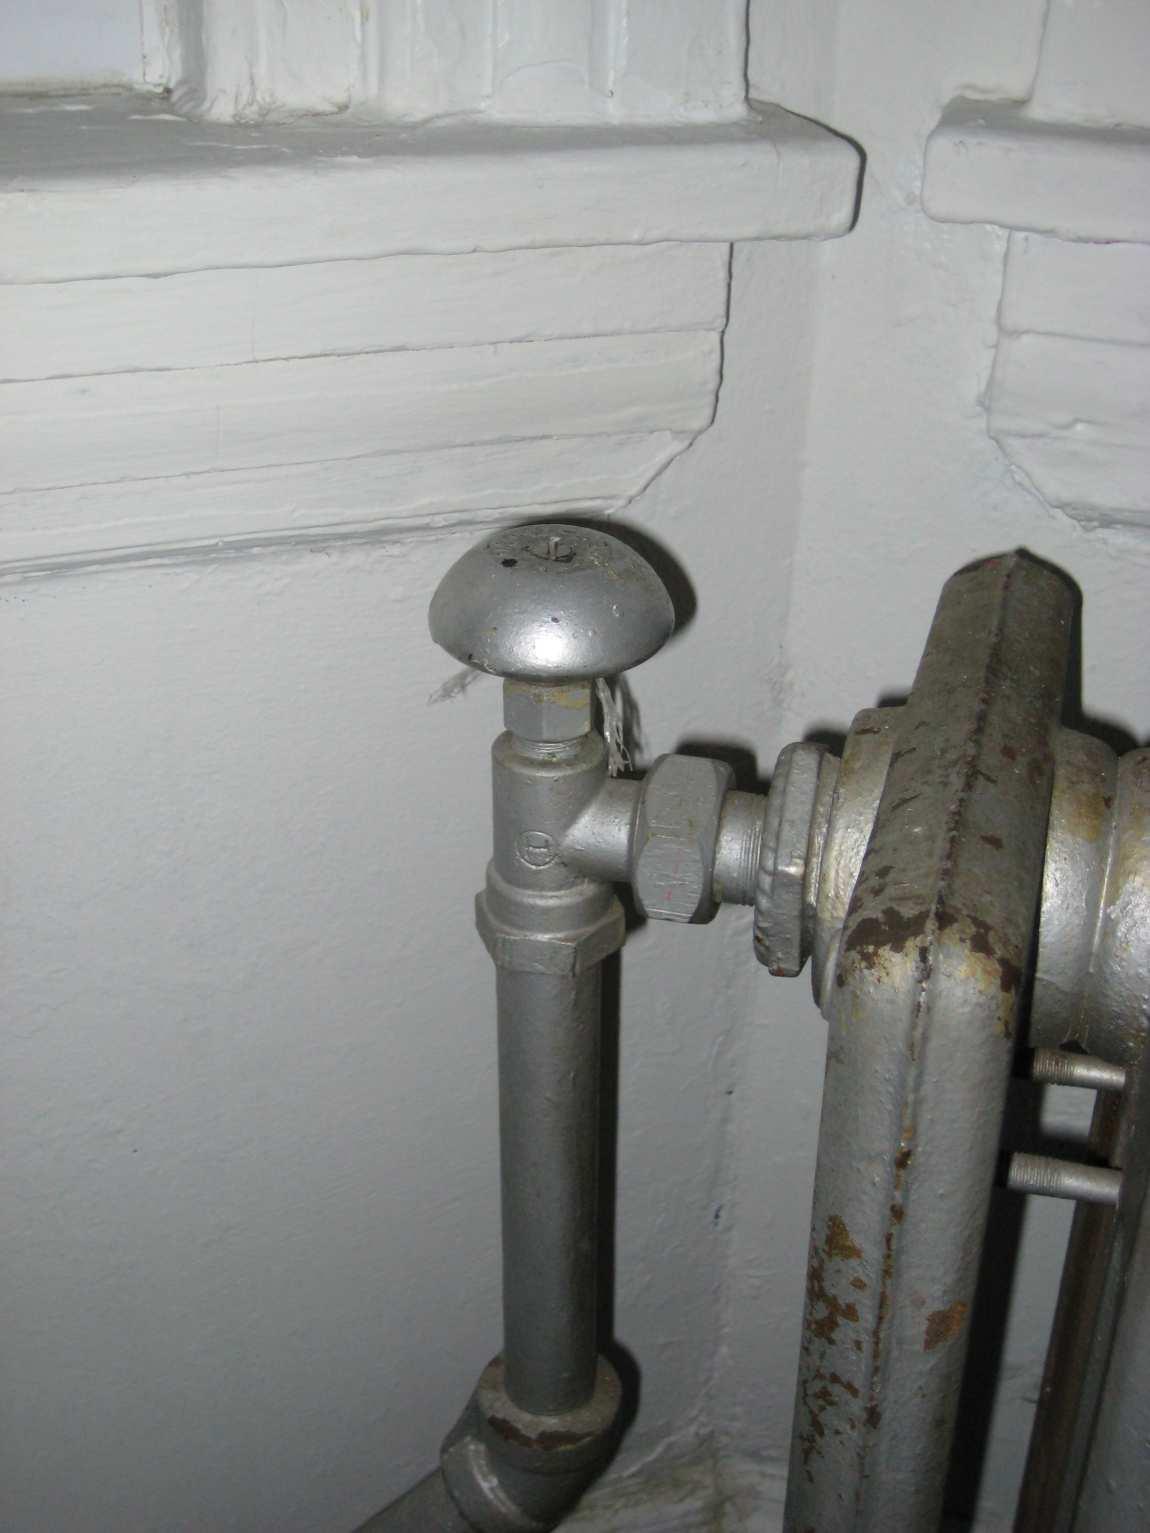 cast-iron radiators won't shut off-valve.jpg